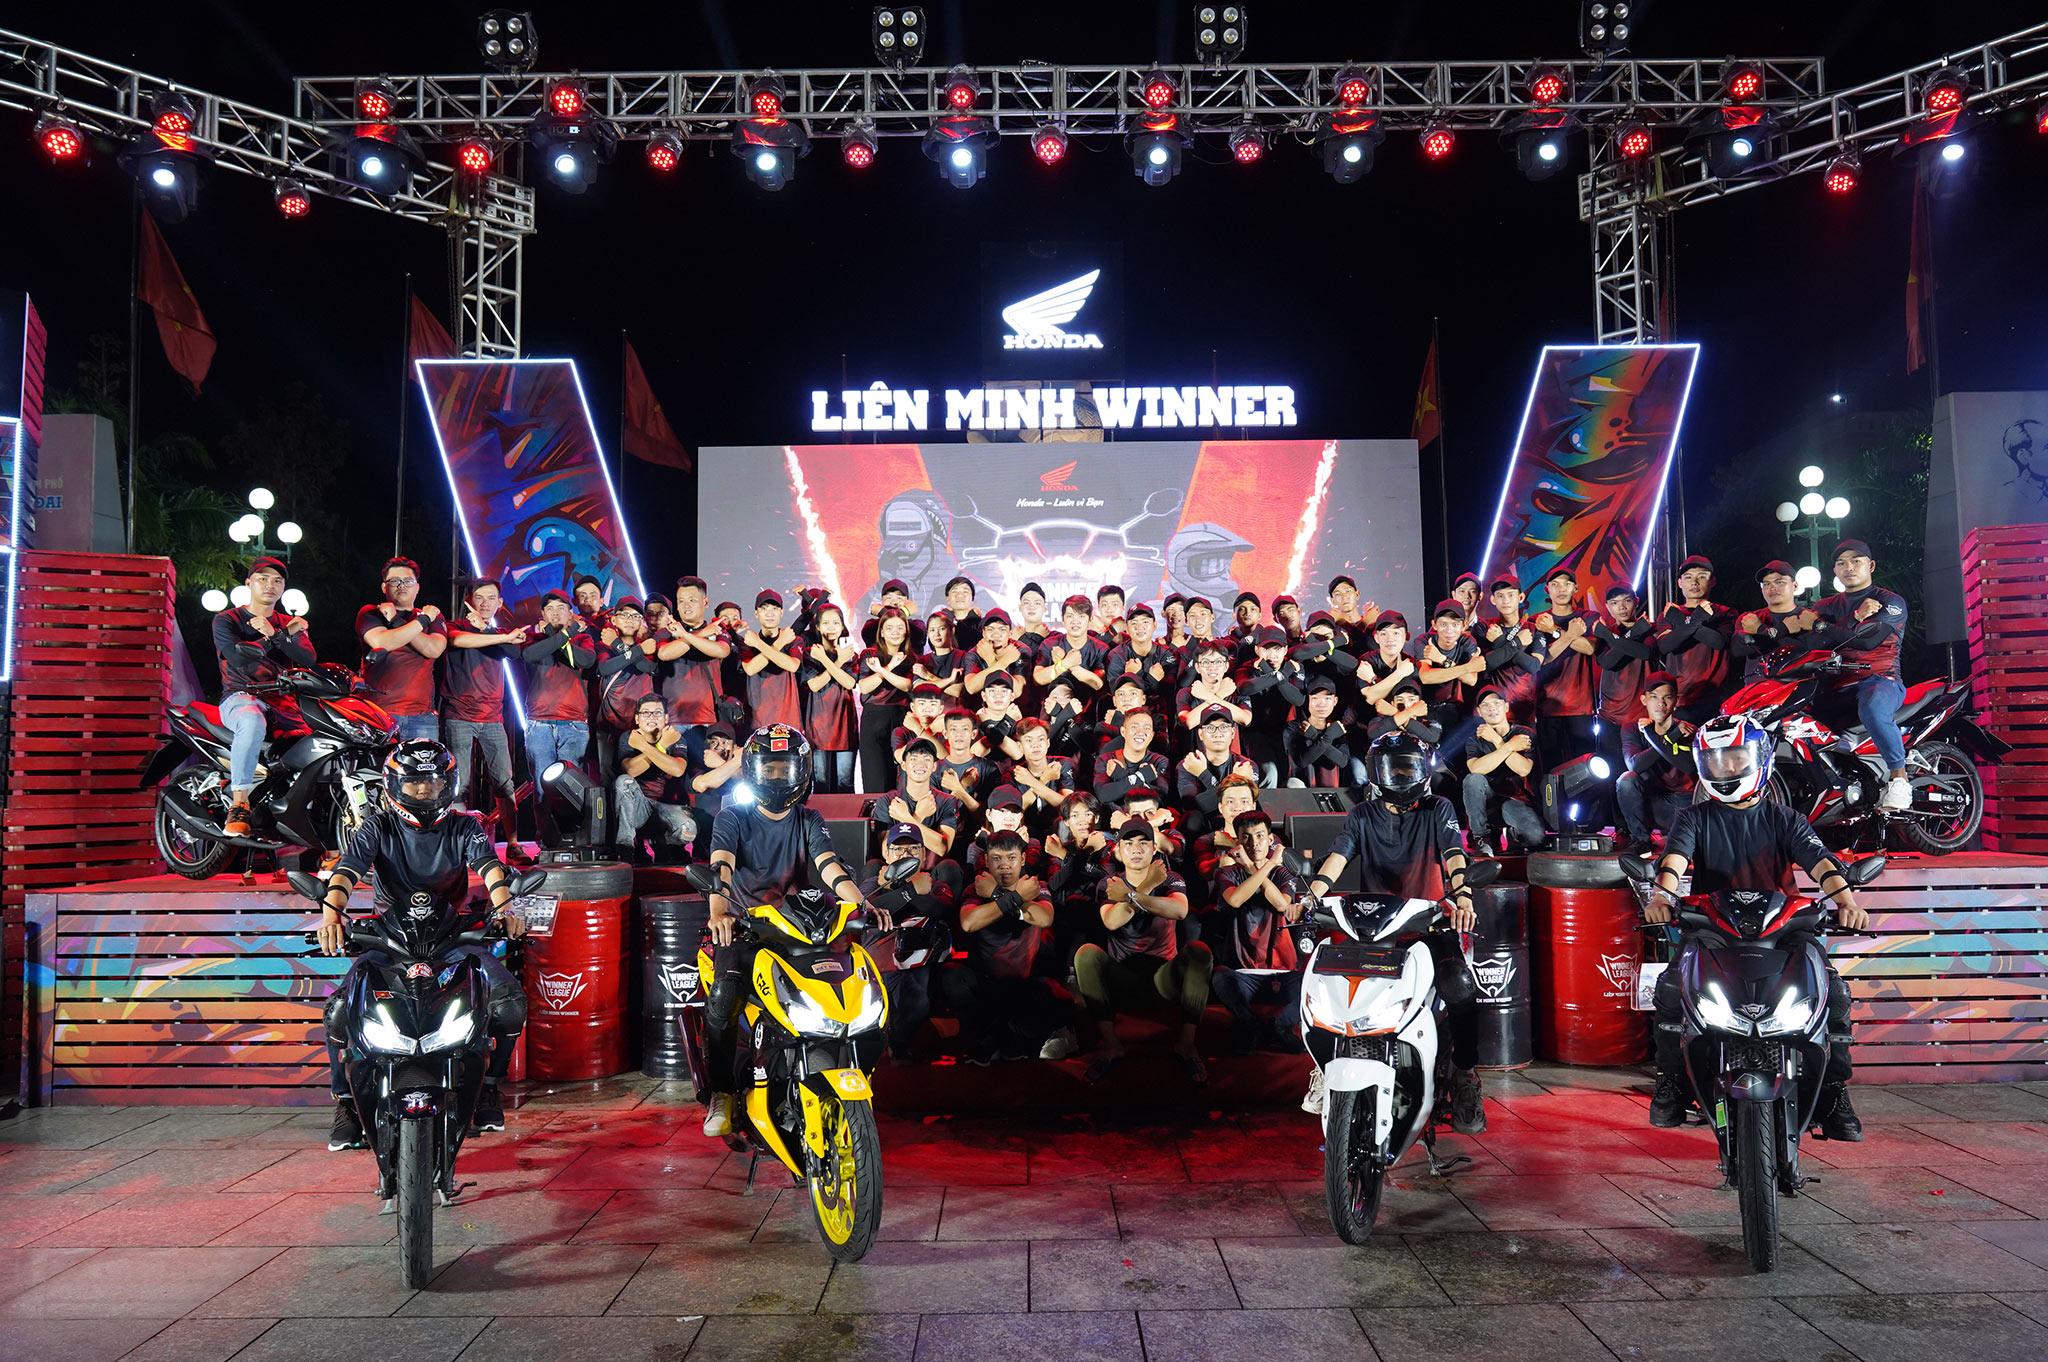 Giải mã sức hút của bộ đôi xe hot Honda Winner X và Air Blade lien-minh-winner-1.jpg